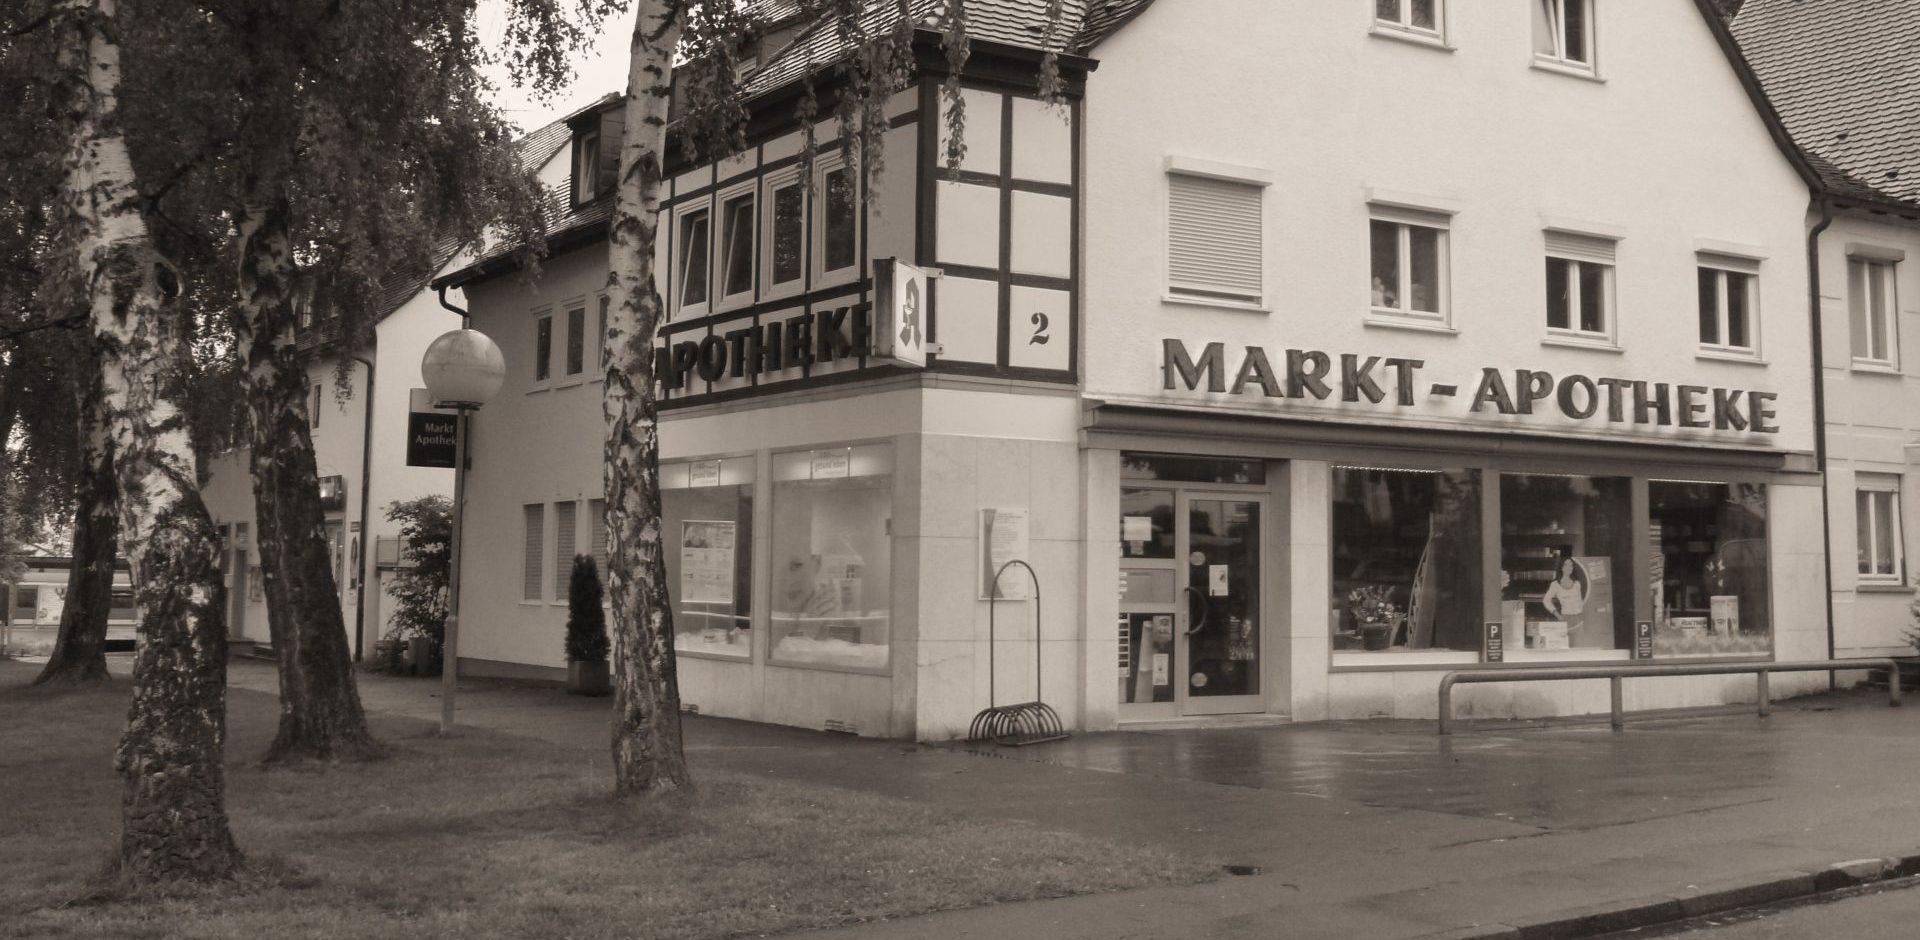 Markt-Apotheke Leinfelden-Echterdingen